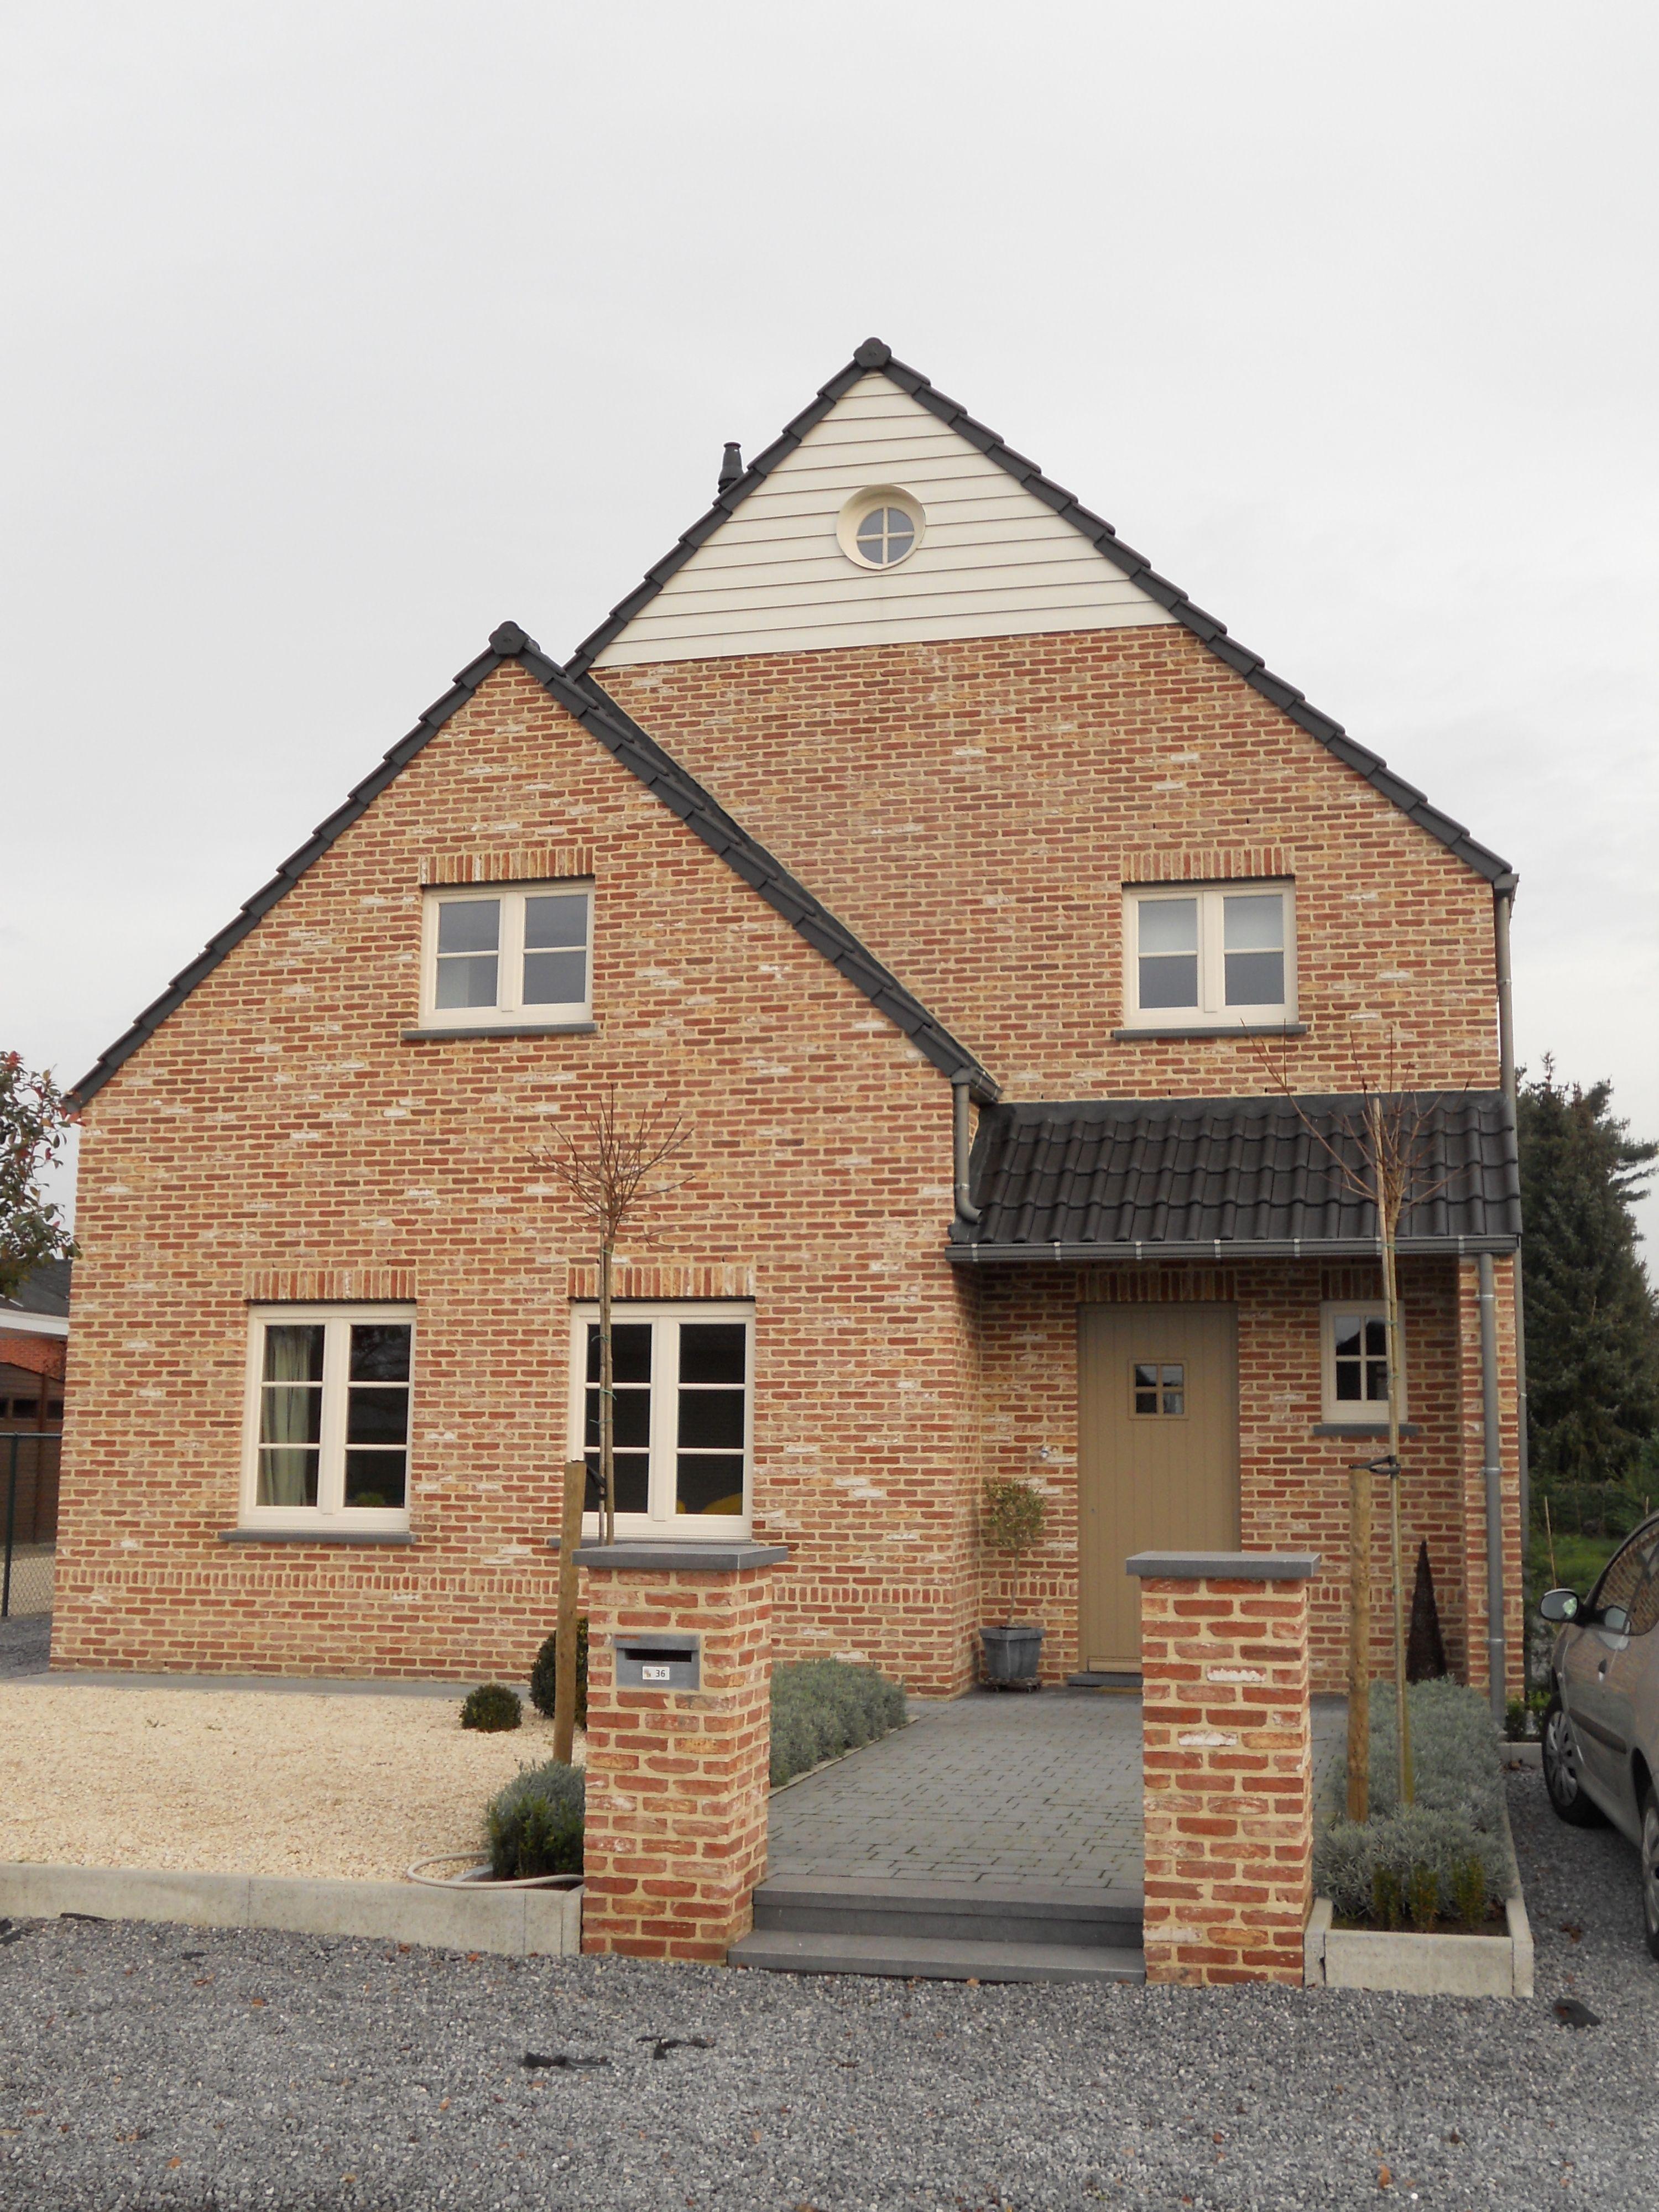 Huis gebouwd met de oud haspengouw baksteen van steenfabriek nelissen inspiratiebeelden - Huis verlenging oud huis ...